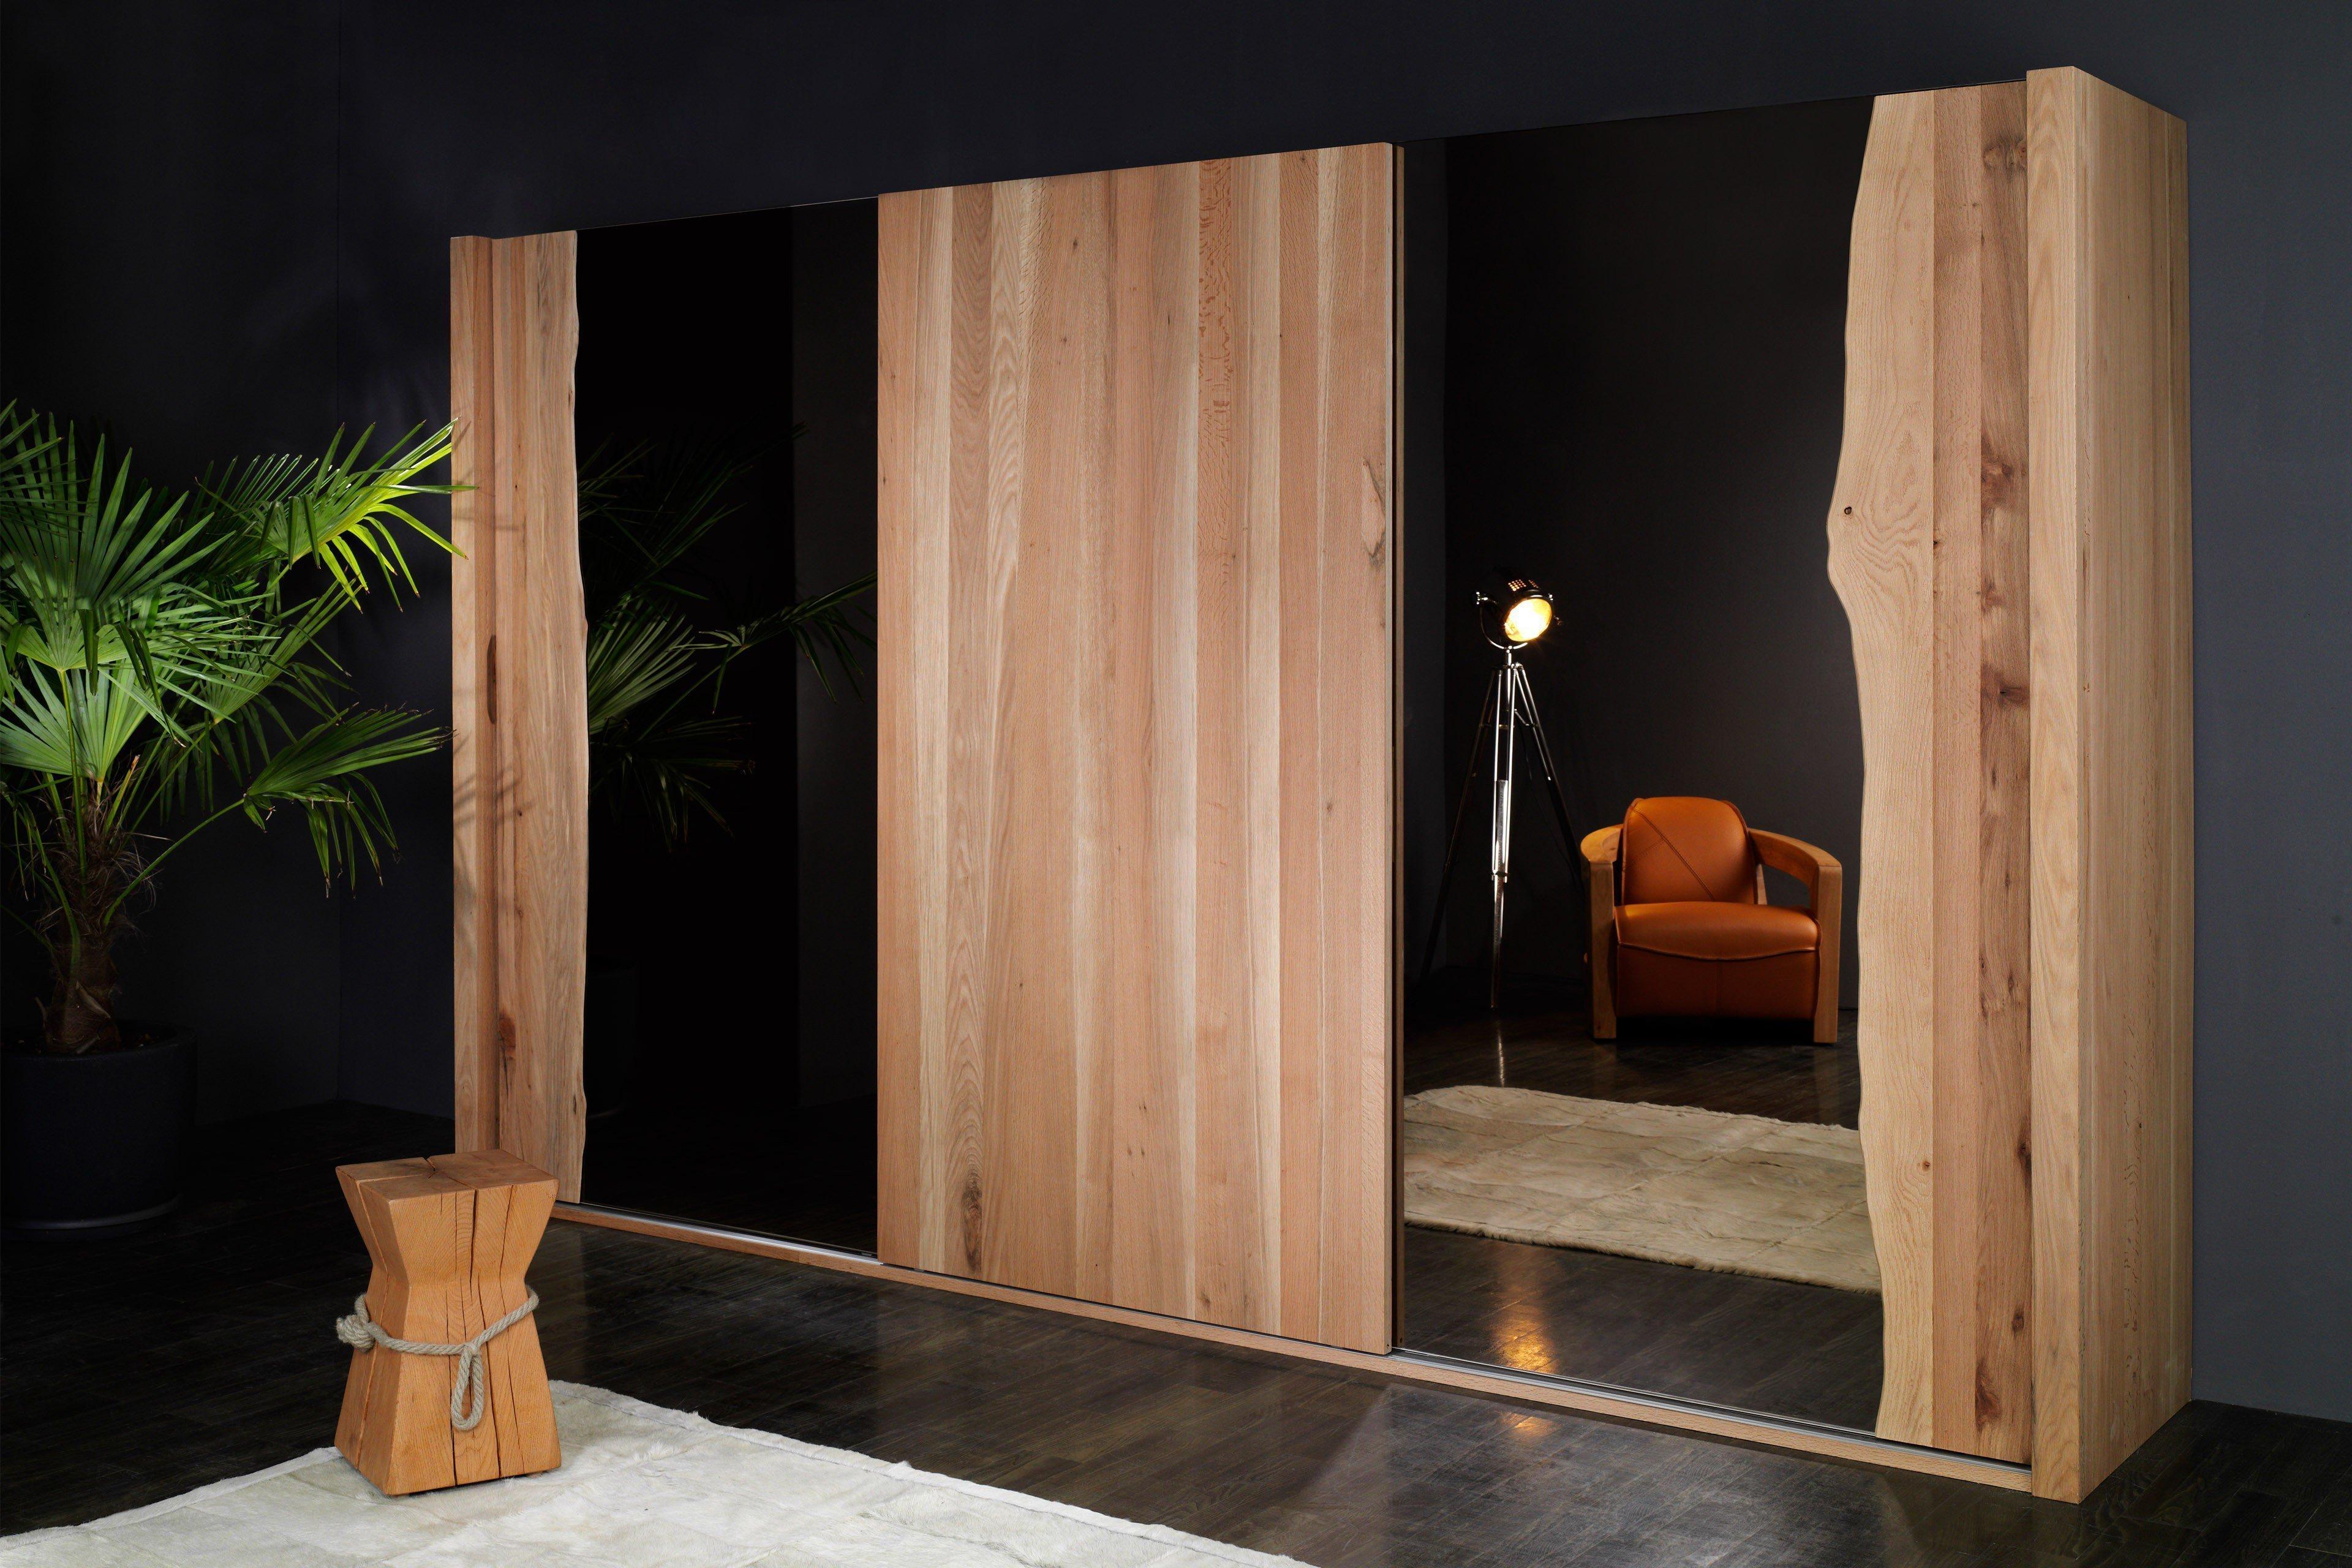 sprenger kleiderschrank sumpfeiche glas wei m bel letz ihr online shop. Black Bedroom Furniture Sets. Home Design Ideas